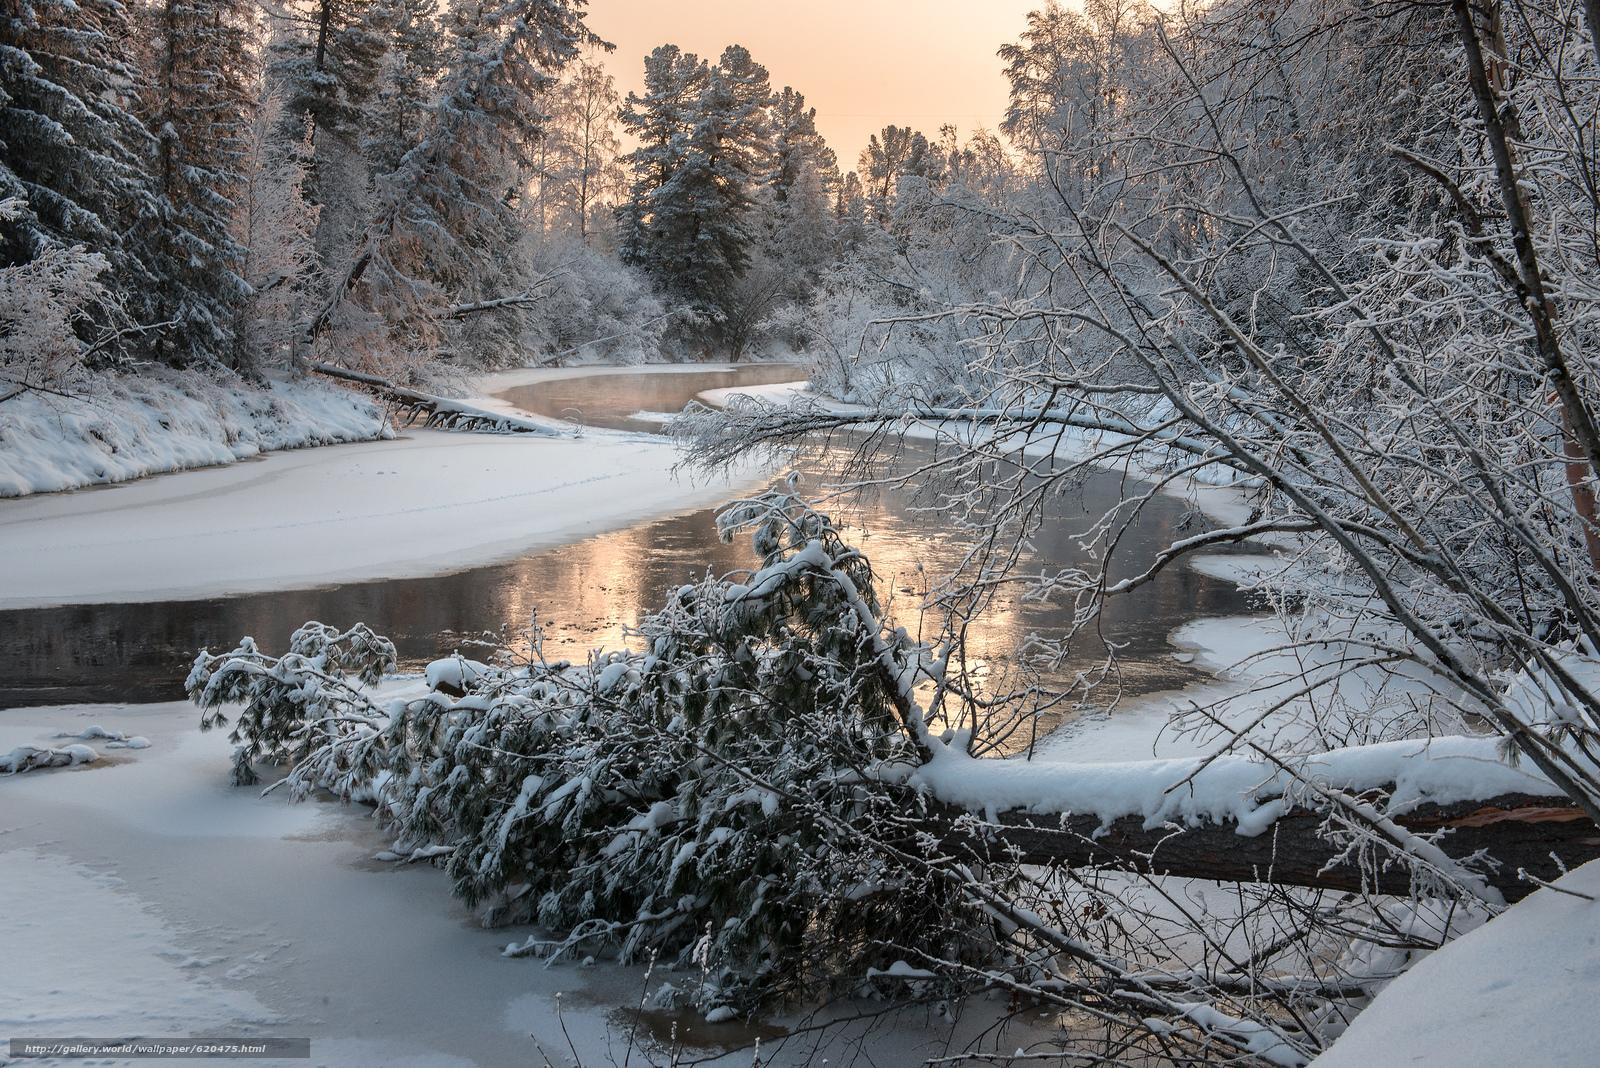 Скачать обои река,  зима,  лес,  деревья бесплатно для рабочего стола в разрешении 4000x2670 — картинка №620475